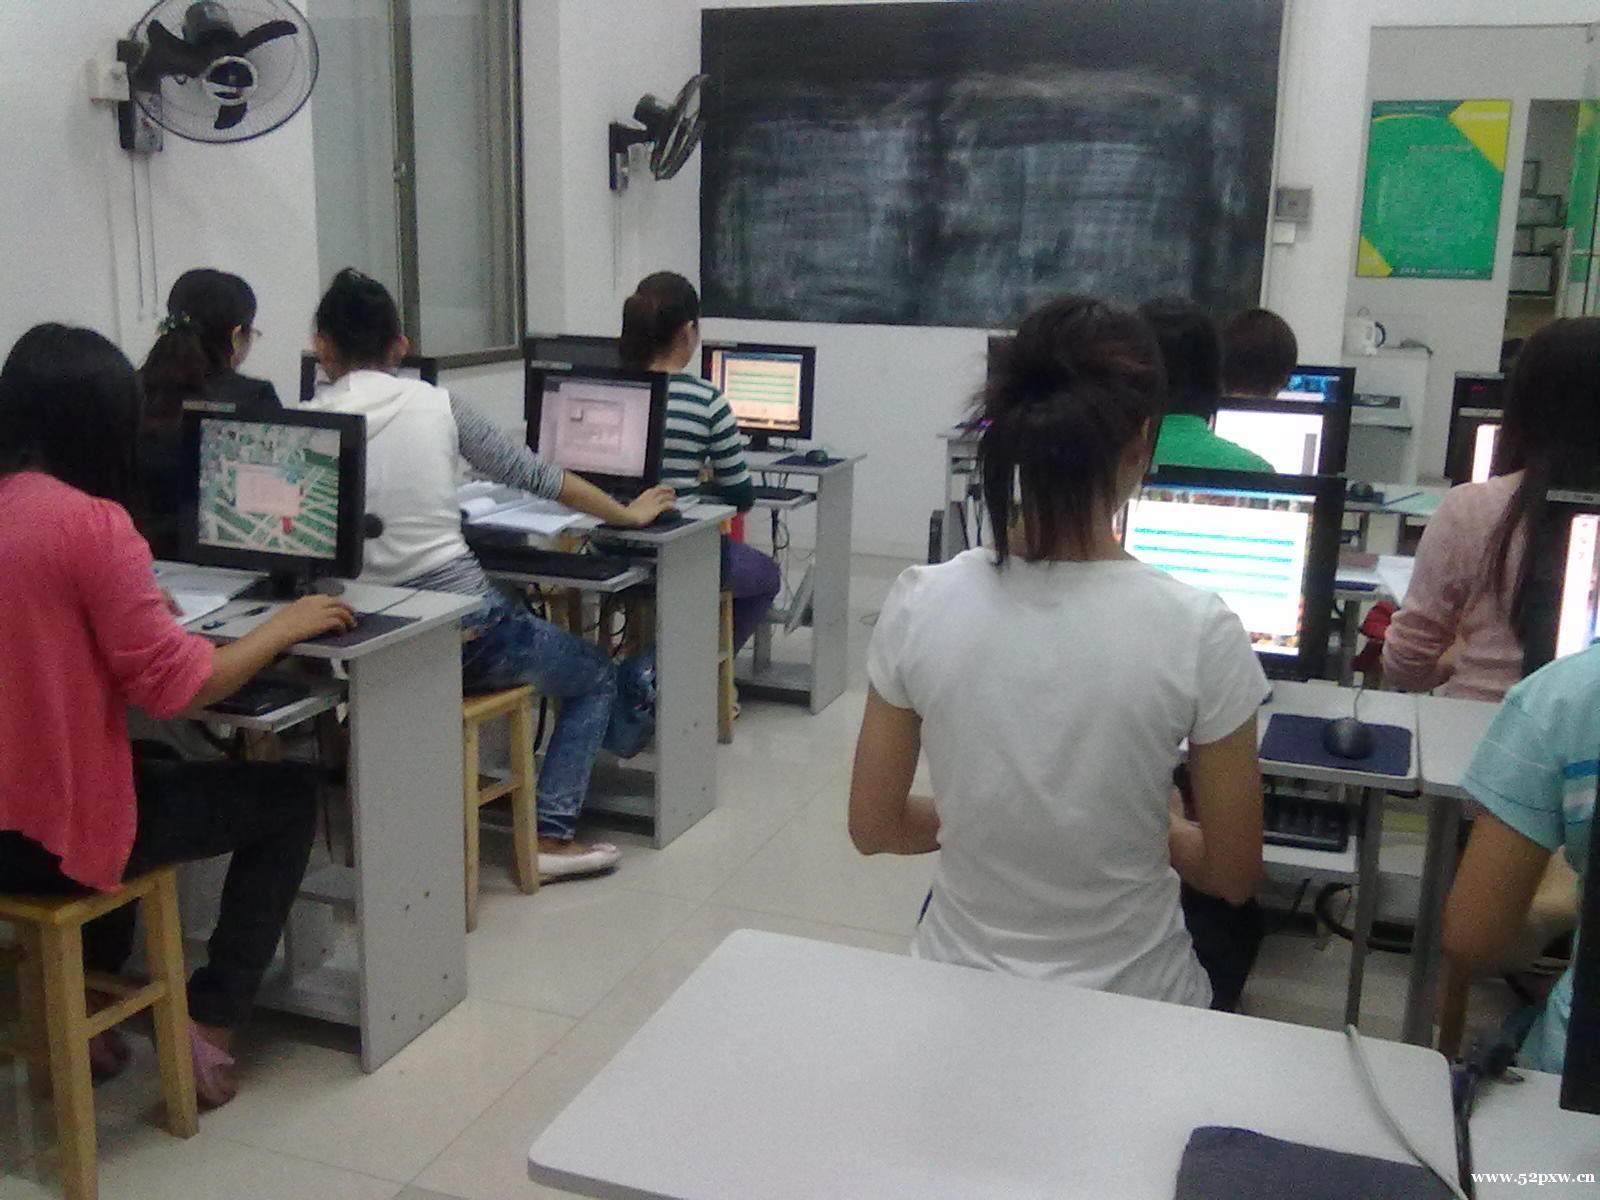 佛山市南海区大沥电脑培训班